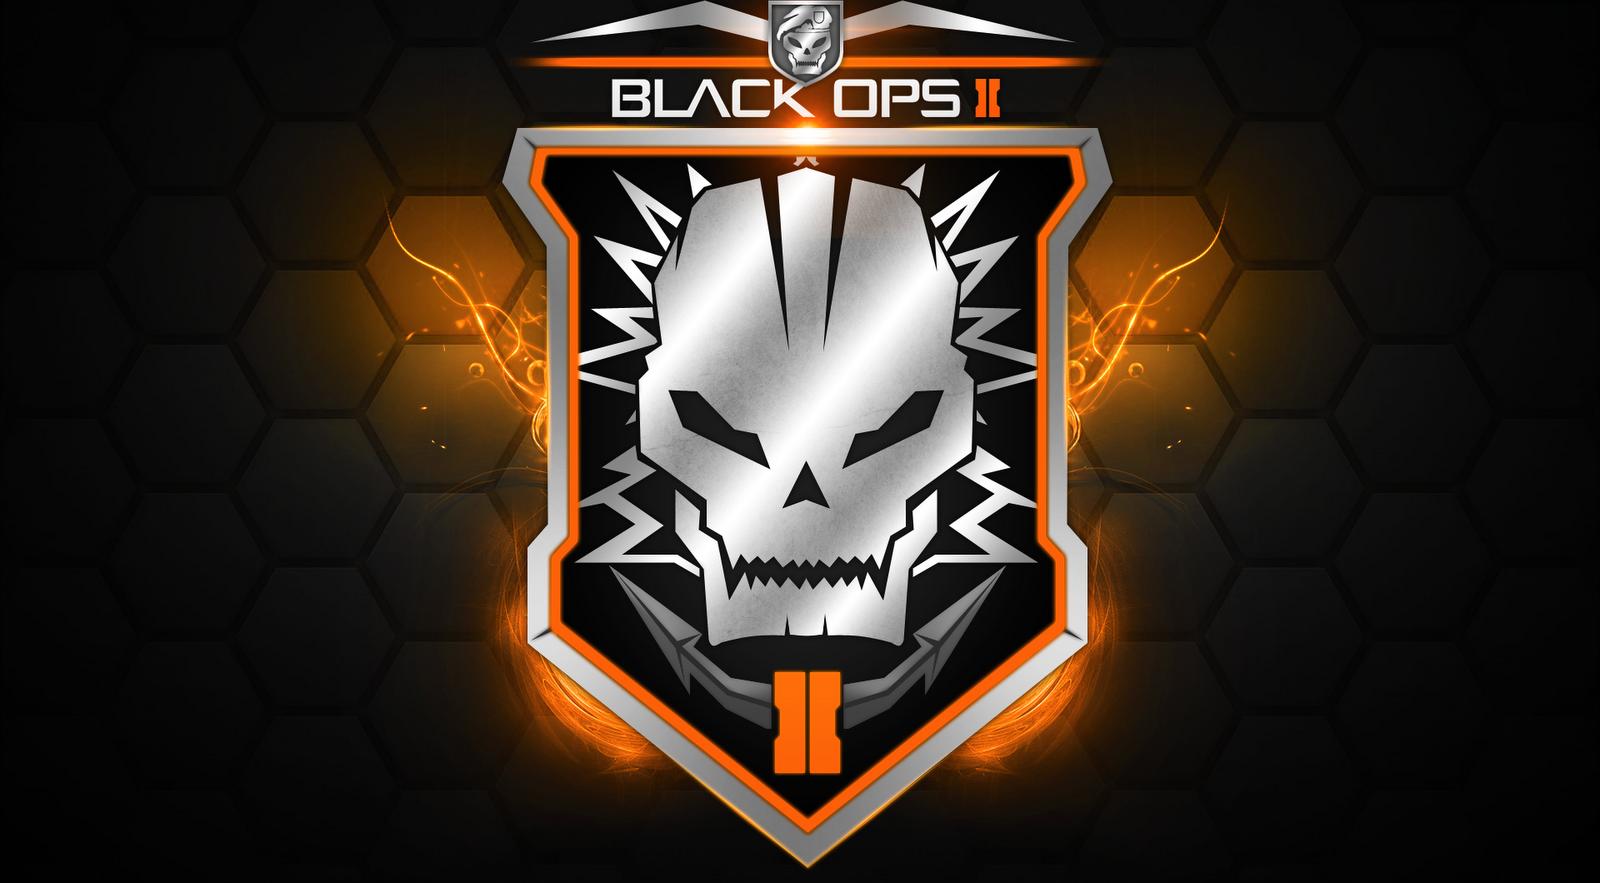 Black ops Logos